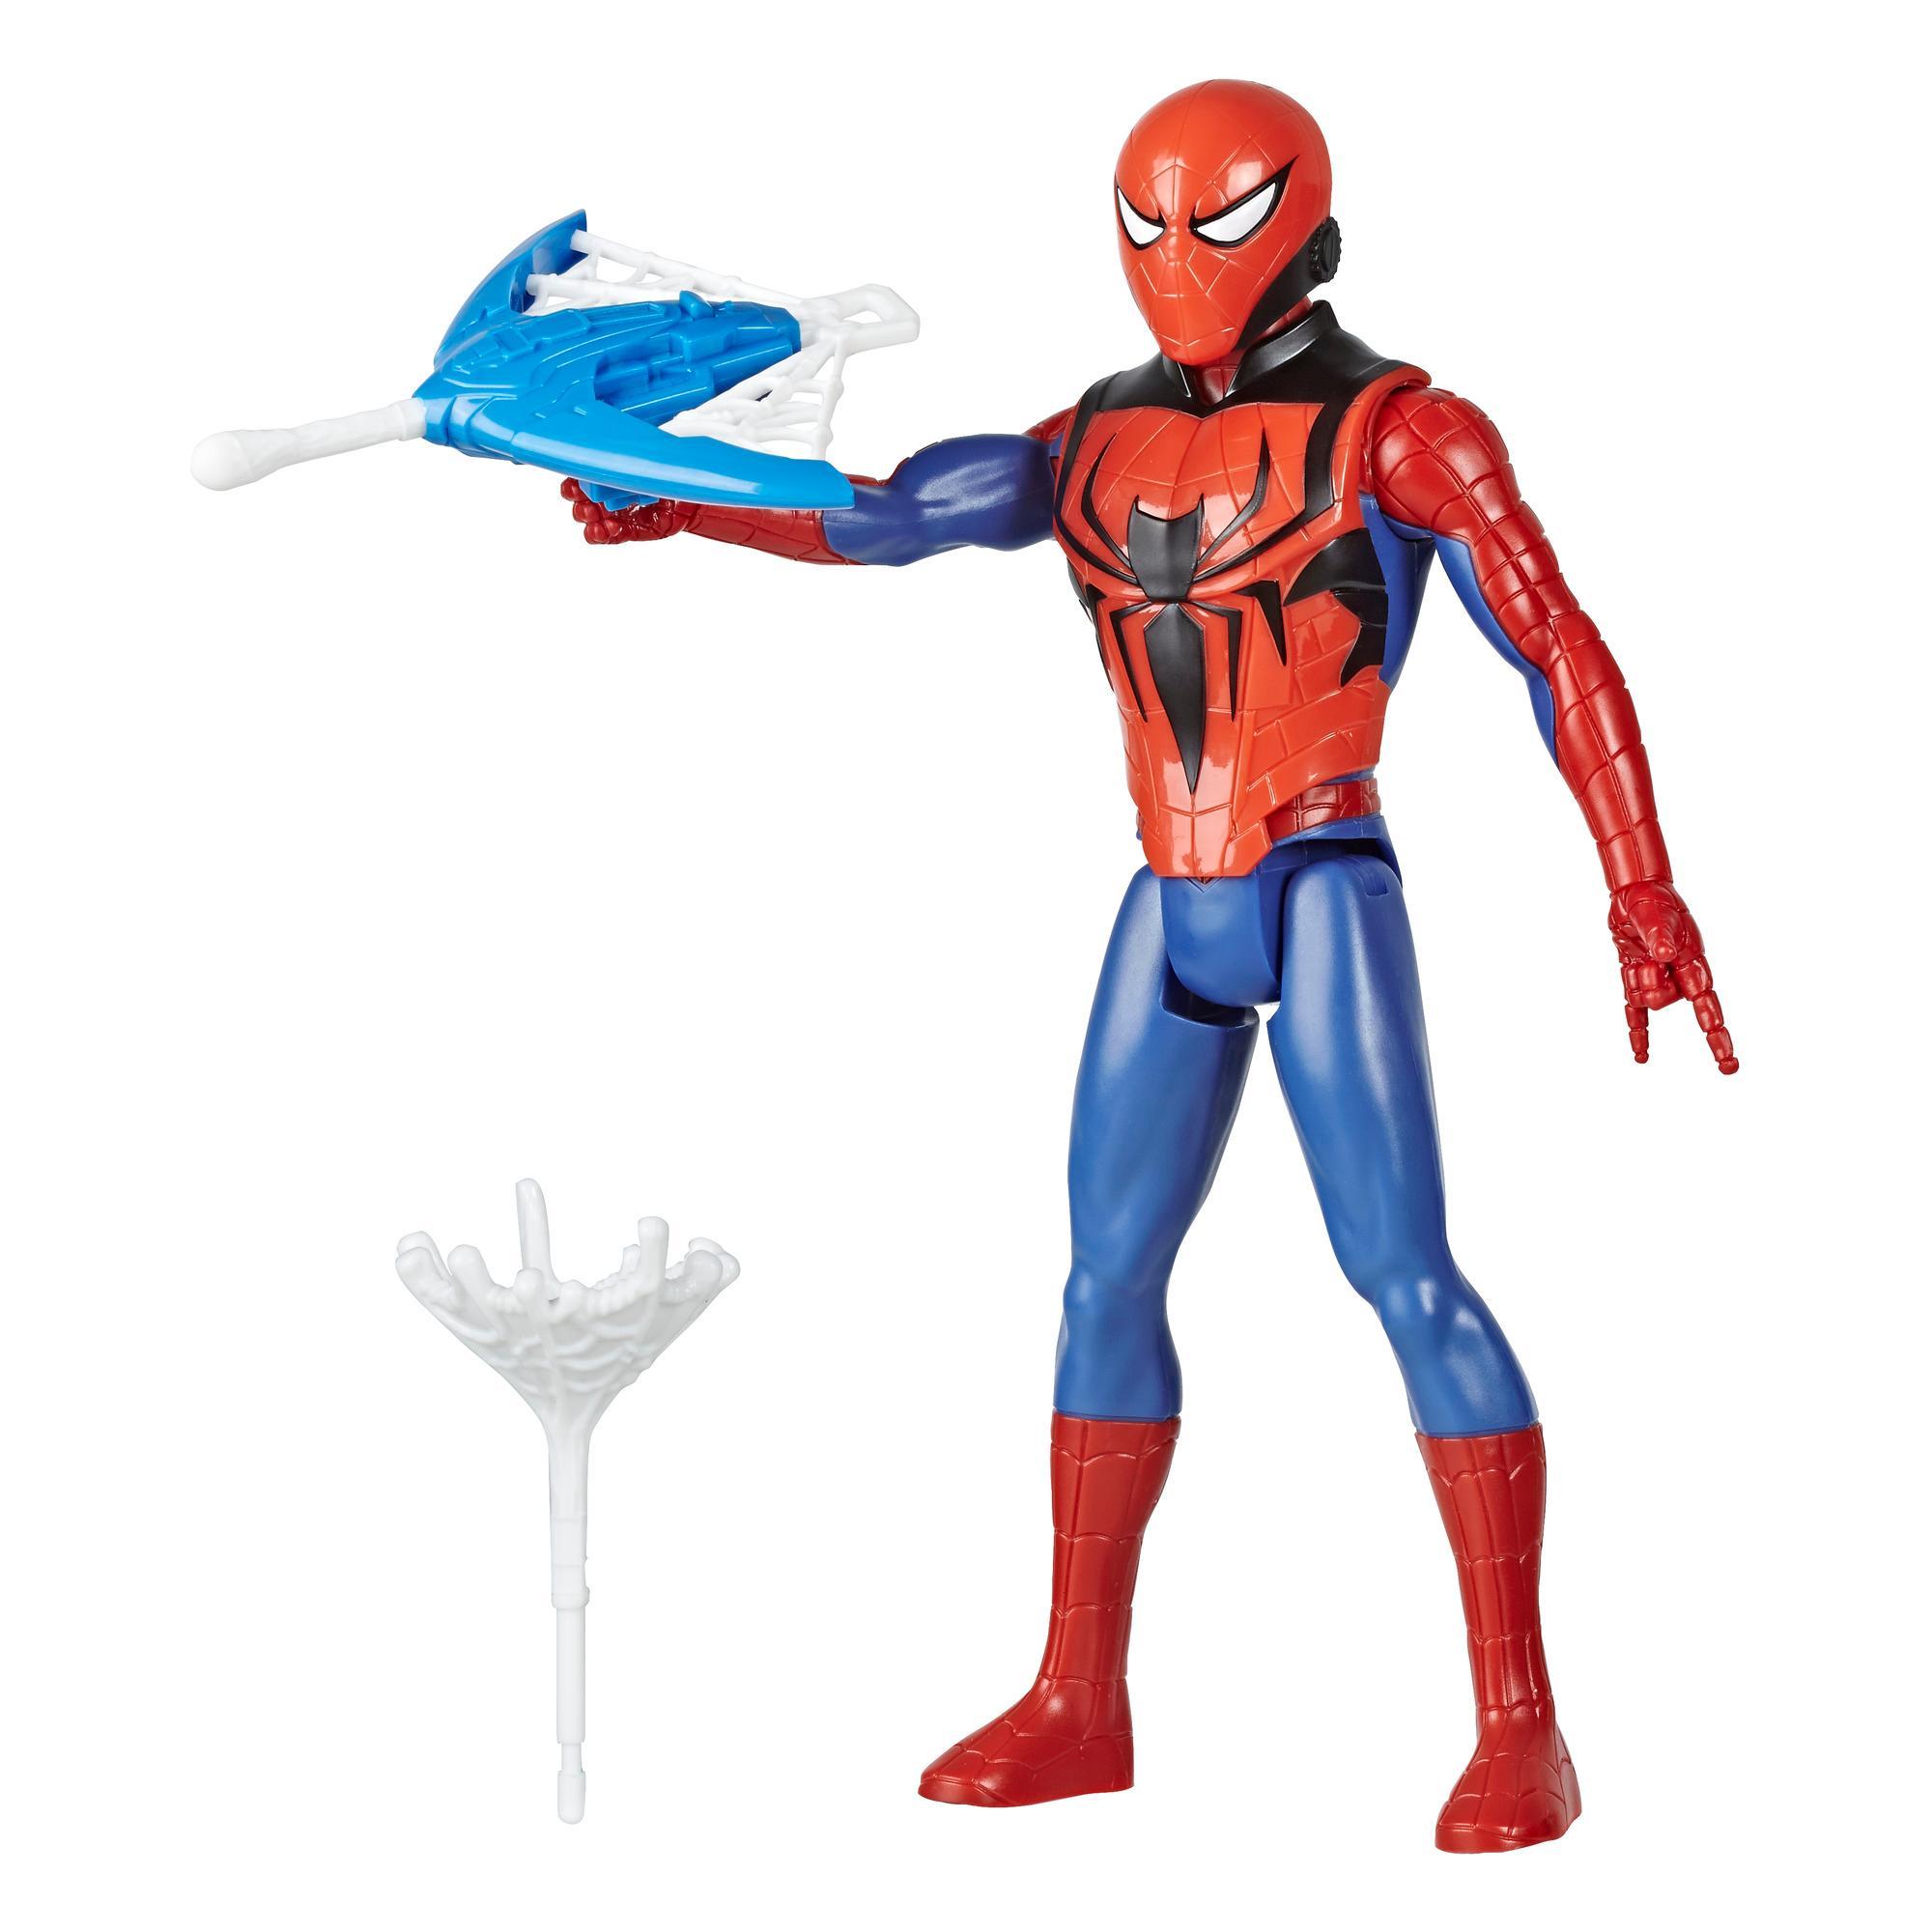 Marvel Spider-Man Titan Hero Series Blast Gear - Figura de Spider-Man de 30 cm - Con lanzador y proyectiles - Edad: 4+